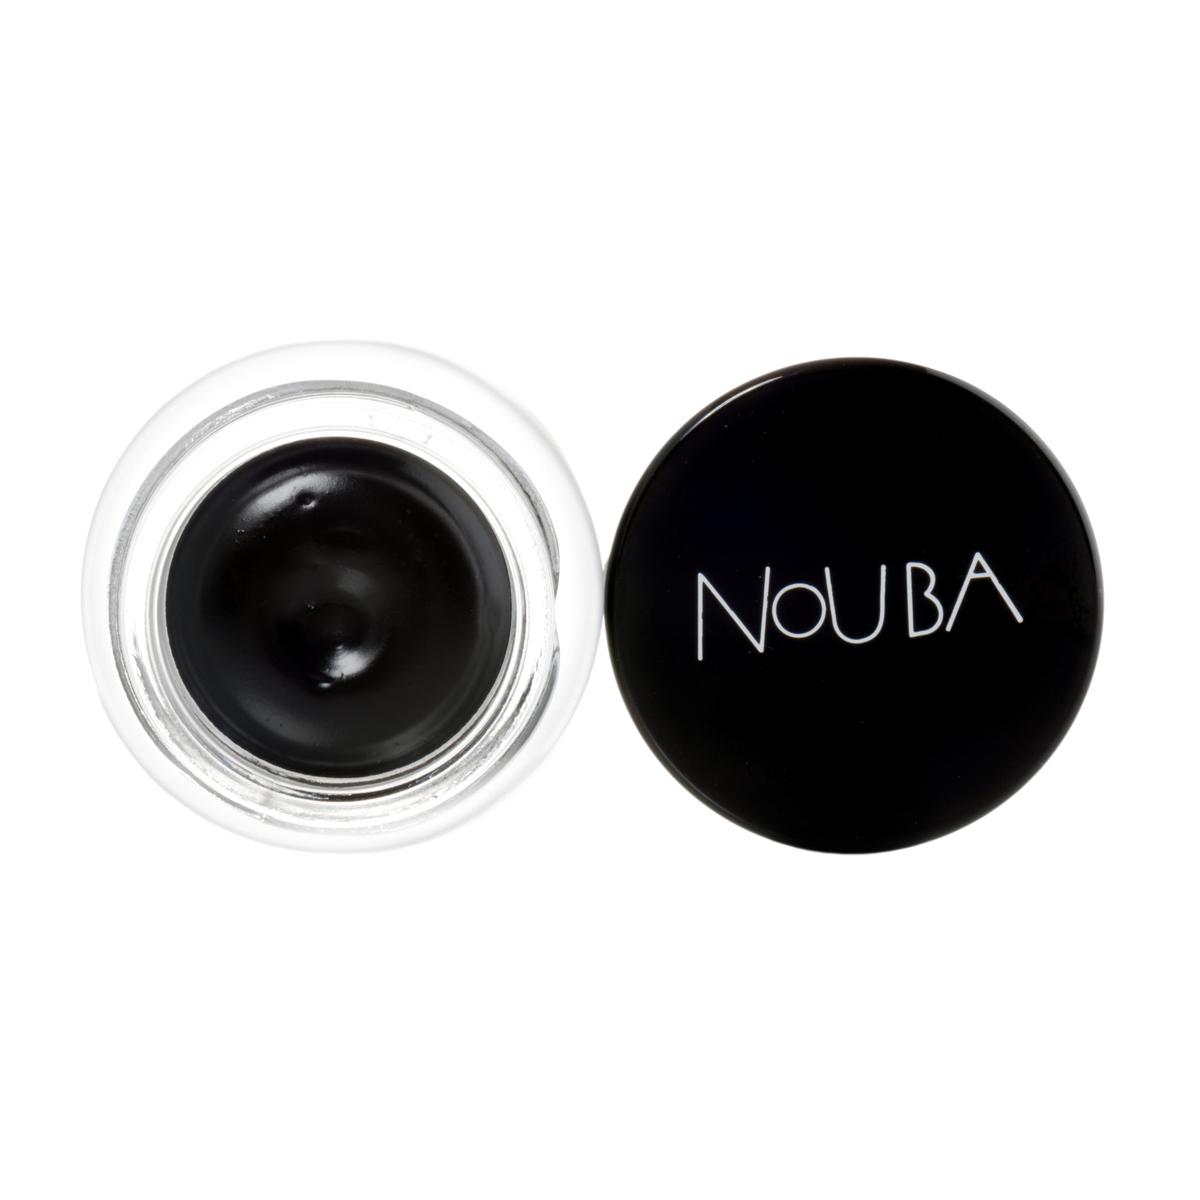 Nouba Подводка-Тени для век Write&Blend Shadow Liner 13 5мл13013Два продукта в одном: универсальные гипер-пигментированные подводка-тени, для создания стрелок или макияжа век. Быстро фиксируется и обеспечивает стойкий макияж на весь день